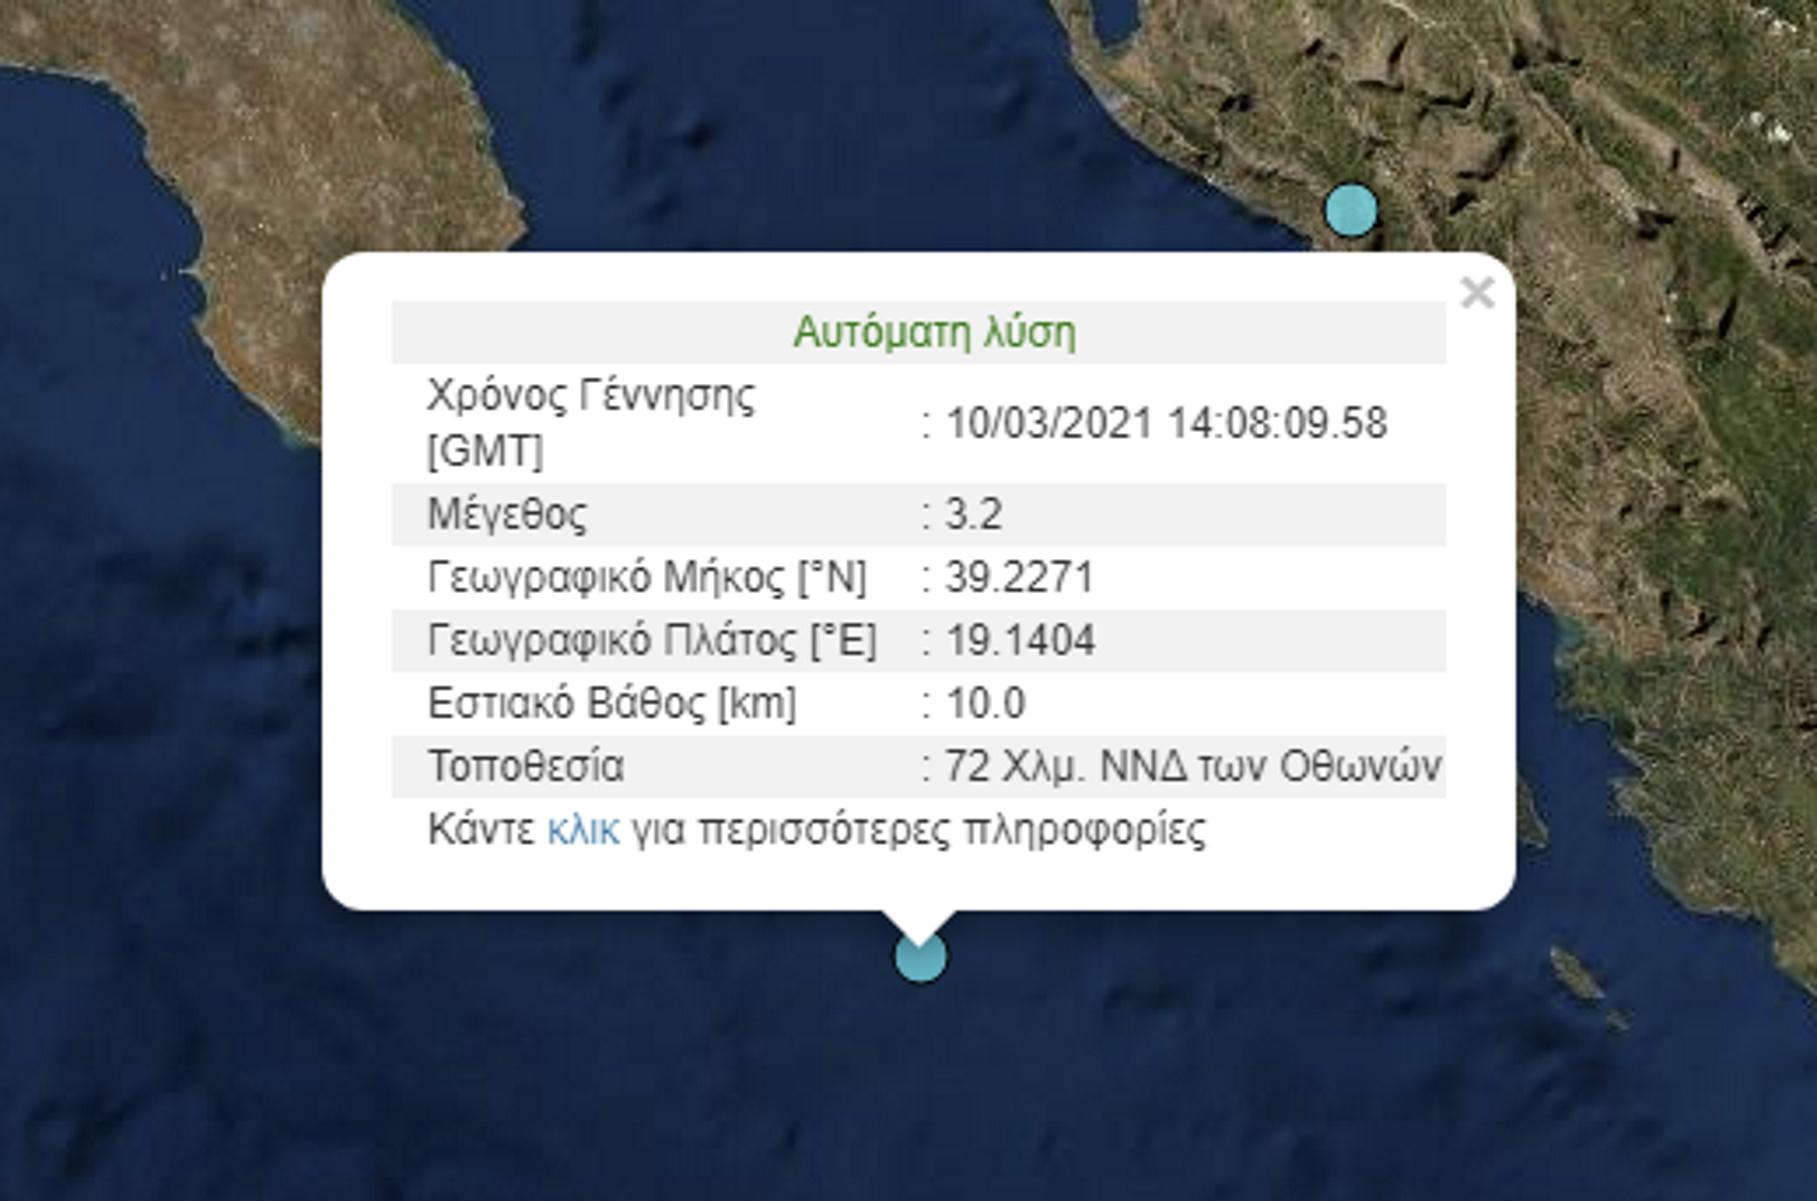 Σεισμός 3,2 ρίχτερ στους Οθωνούς